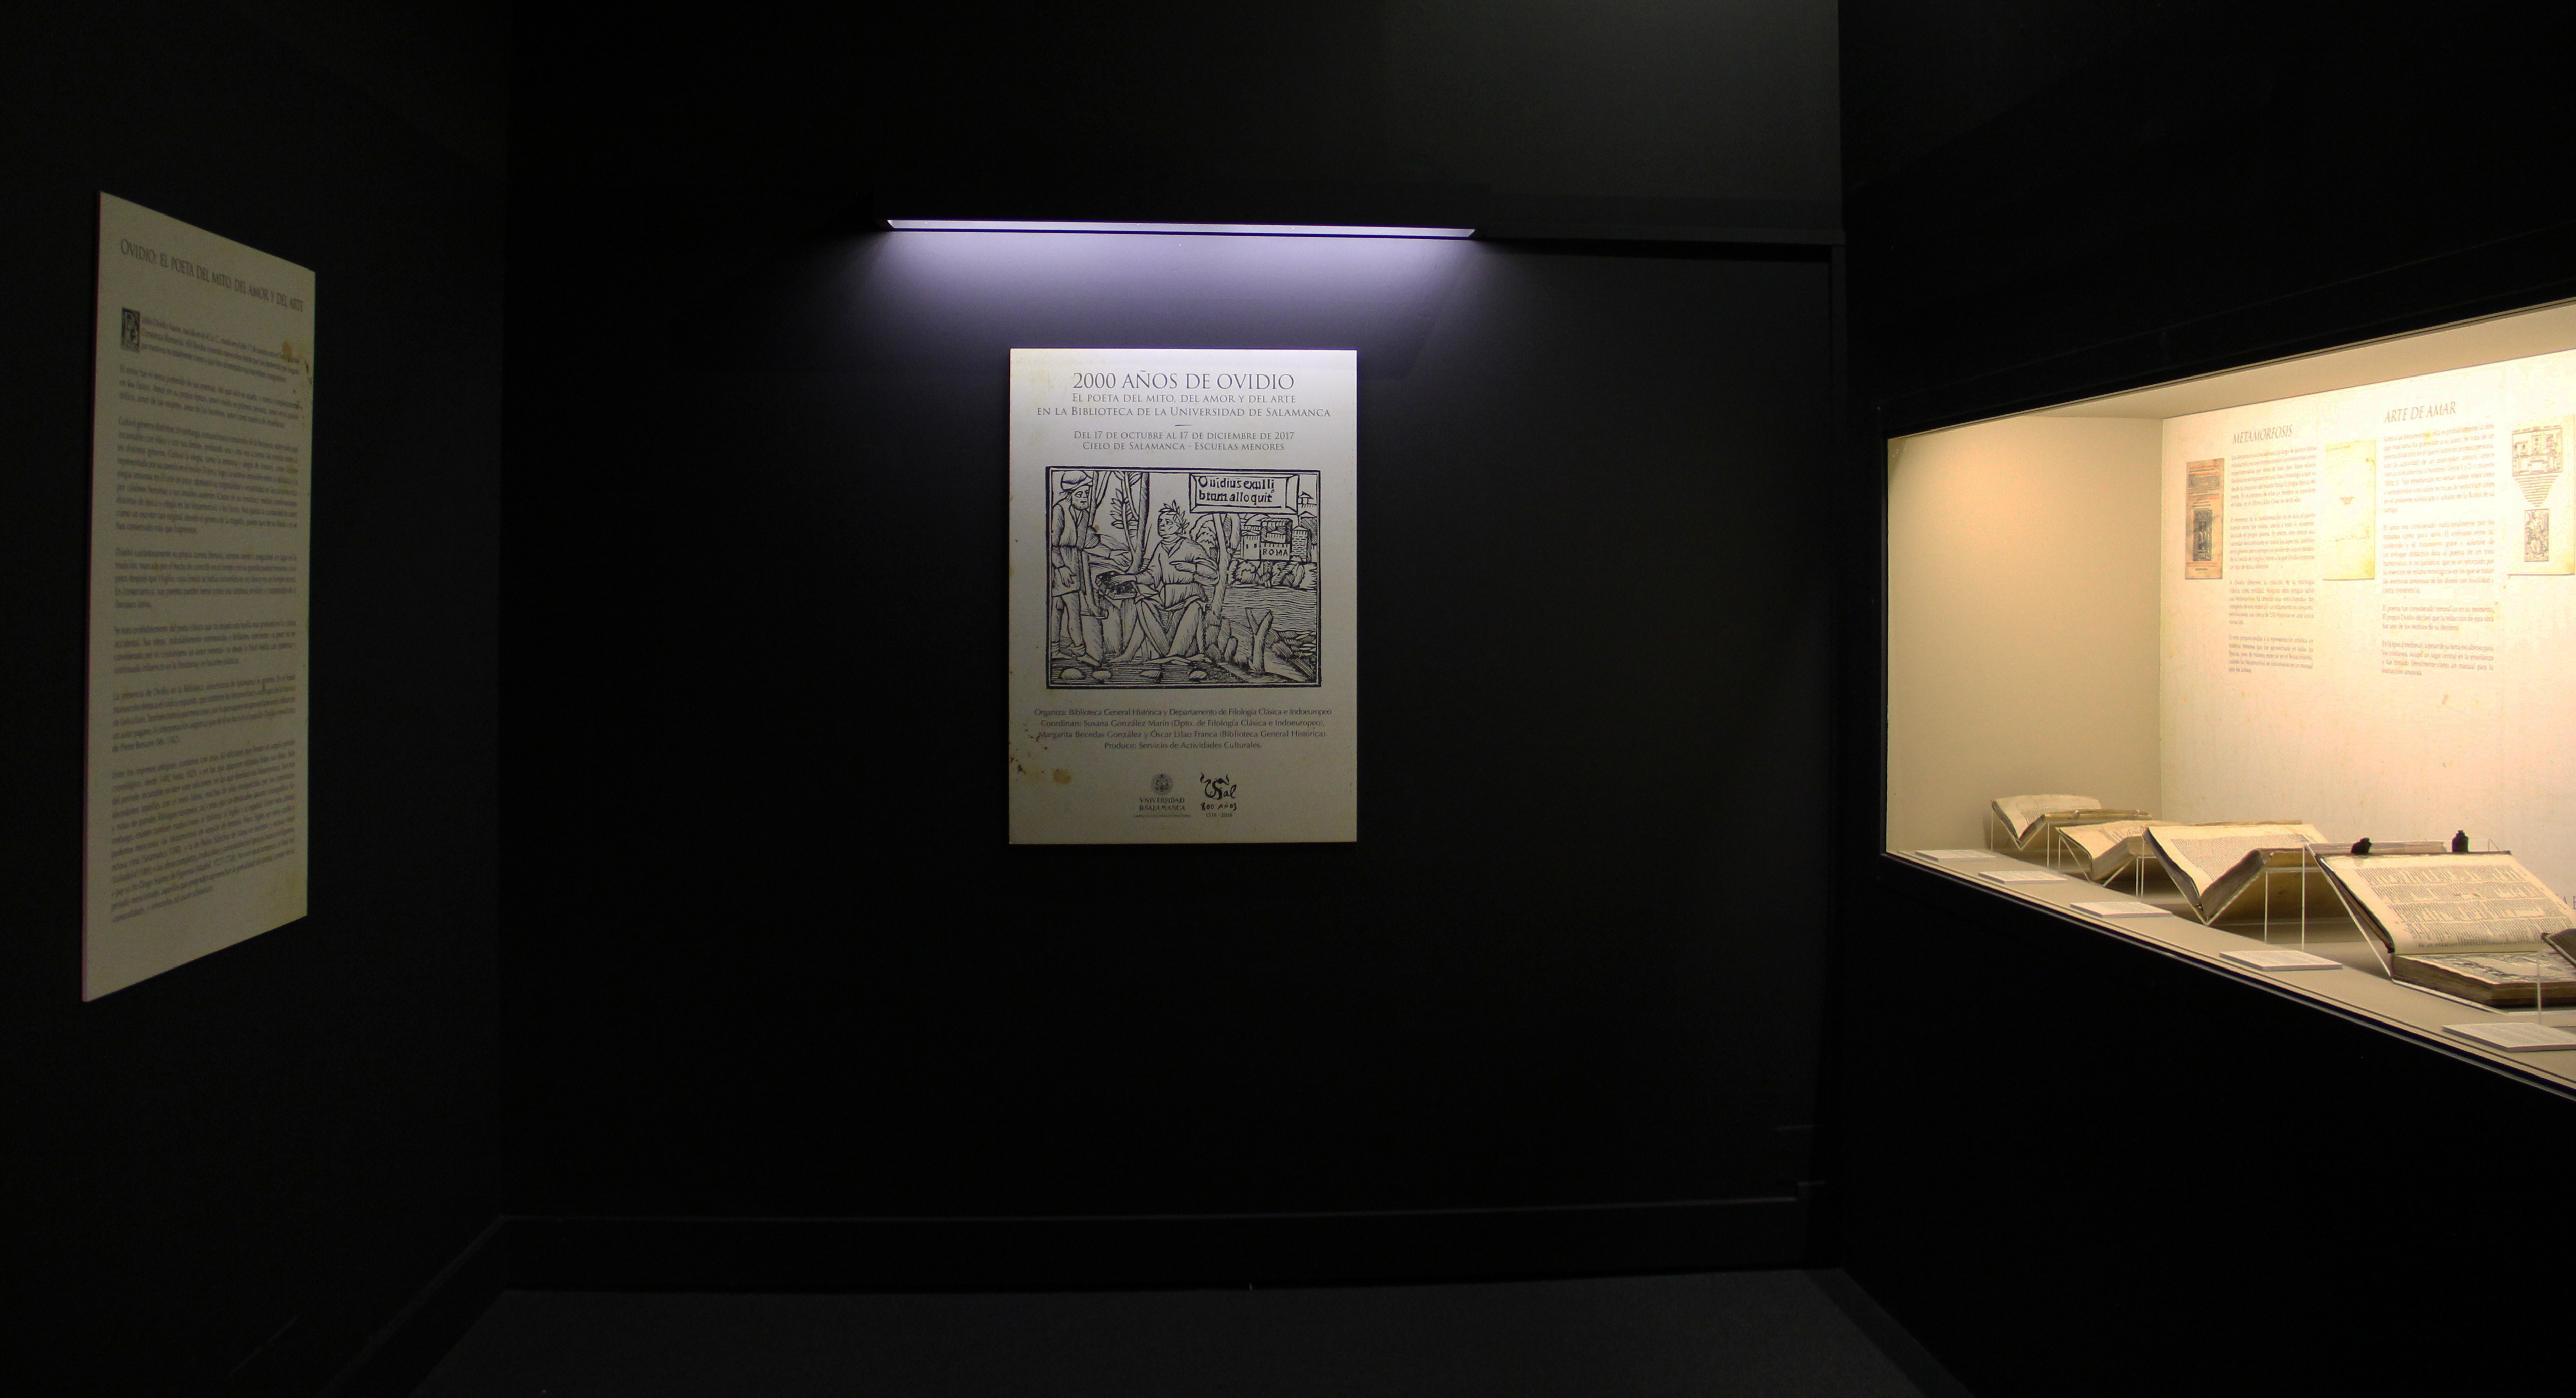 La exposición '2000 años de Ovidio: el poeta del mito, del amor y del arte' repasa las aportaciones del autor romano a la cultura occidental